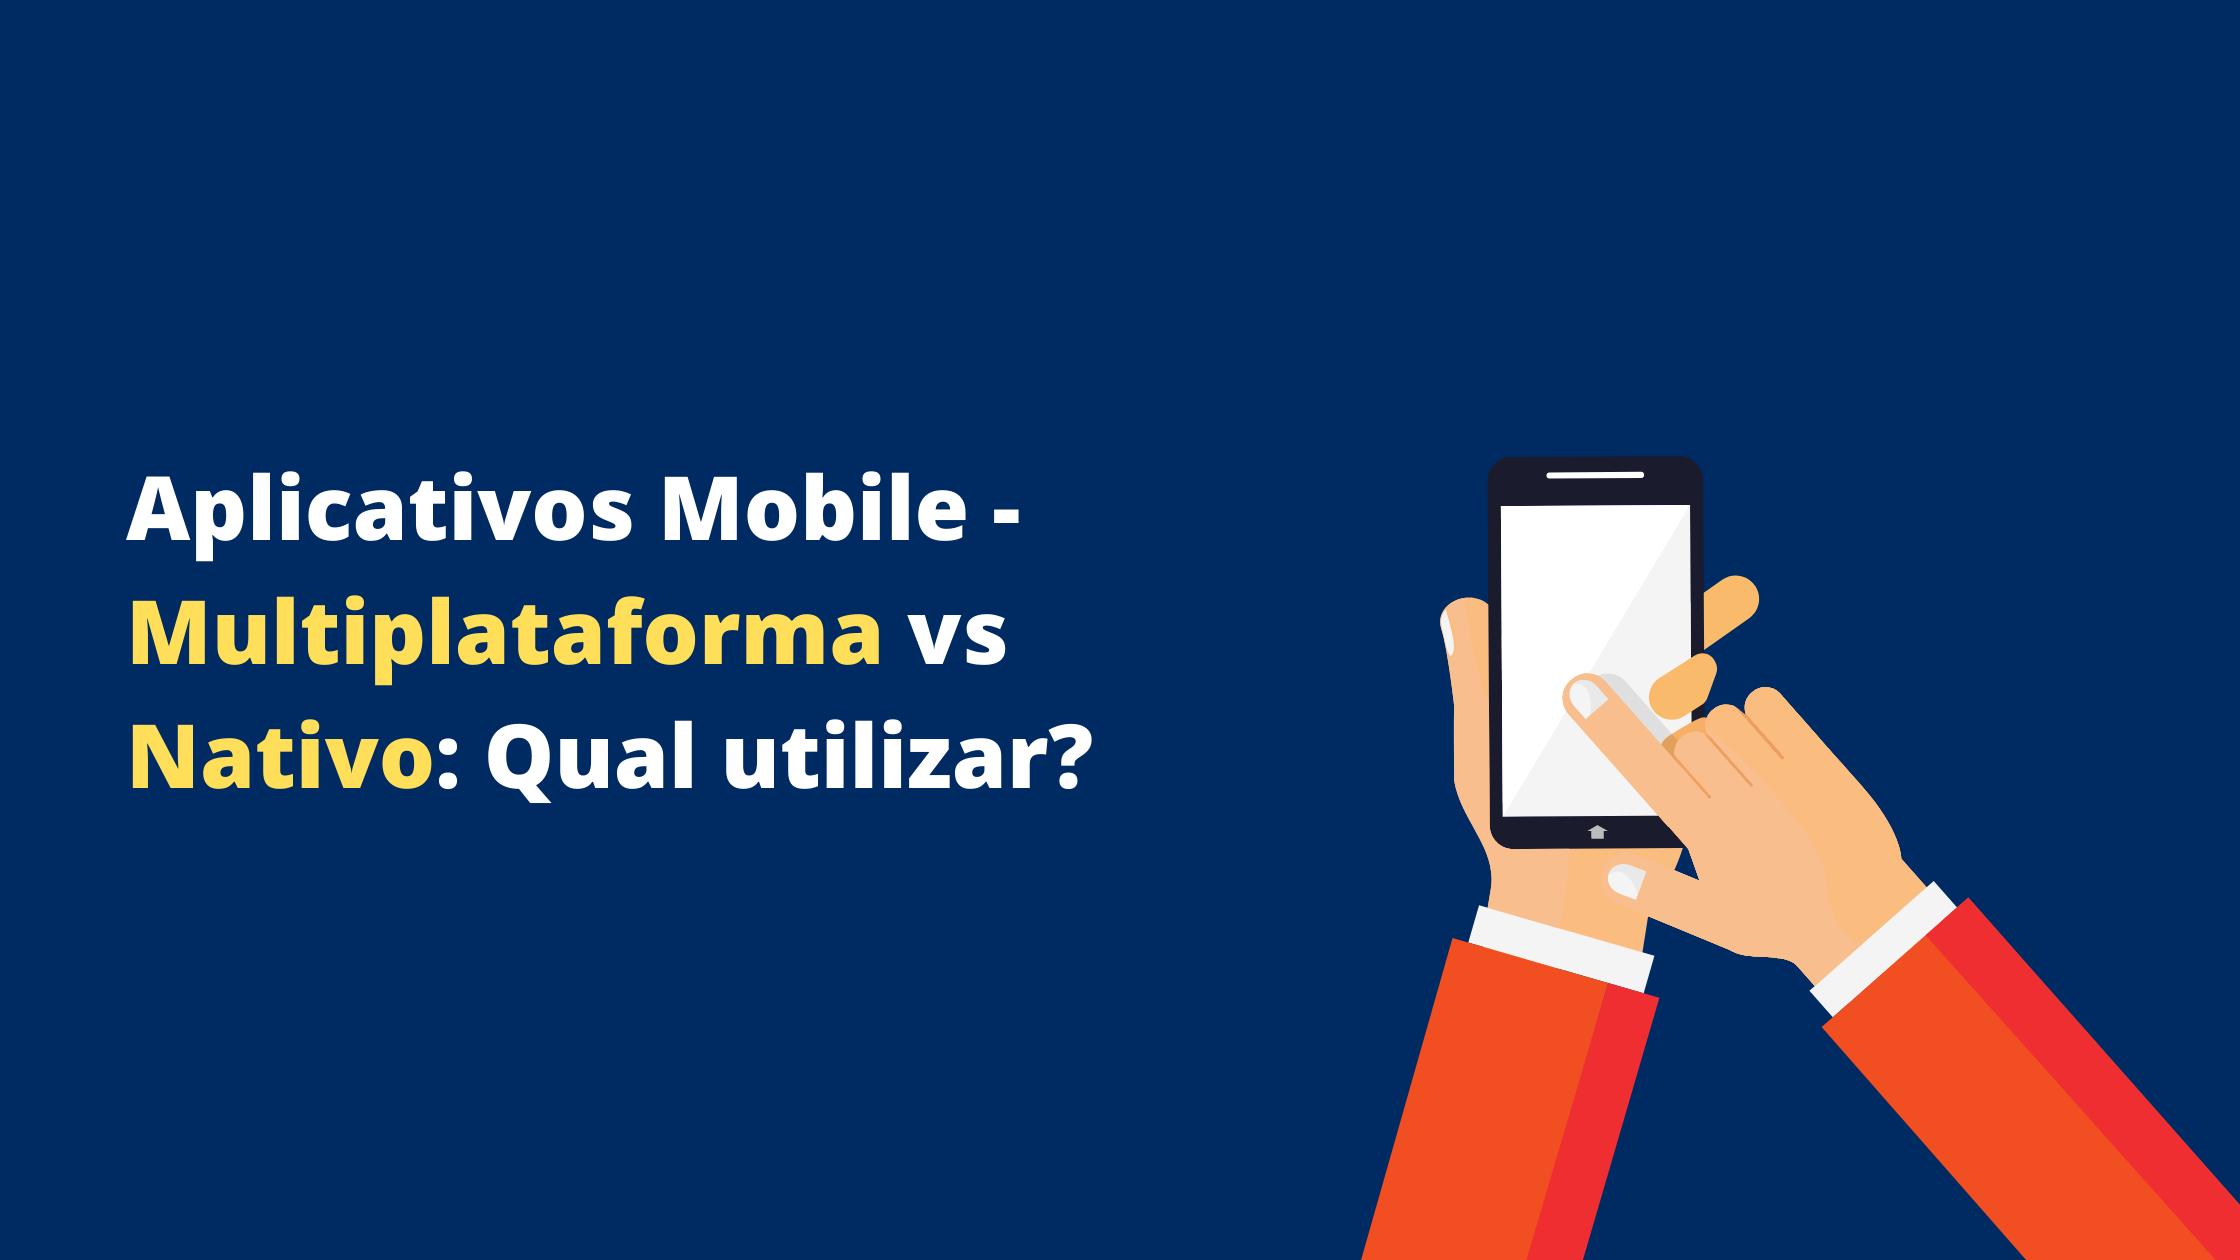 Aplicativos Mobile – Multiplataforma vs Nativo: Qual utilizar?